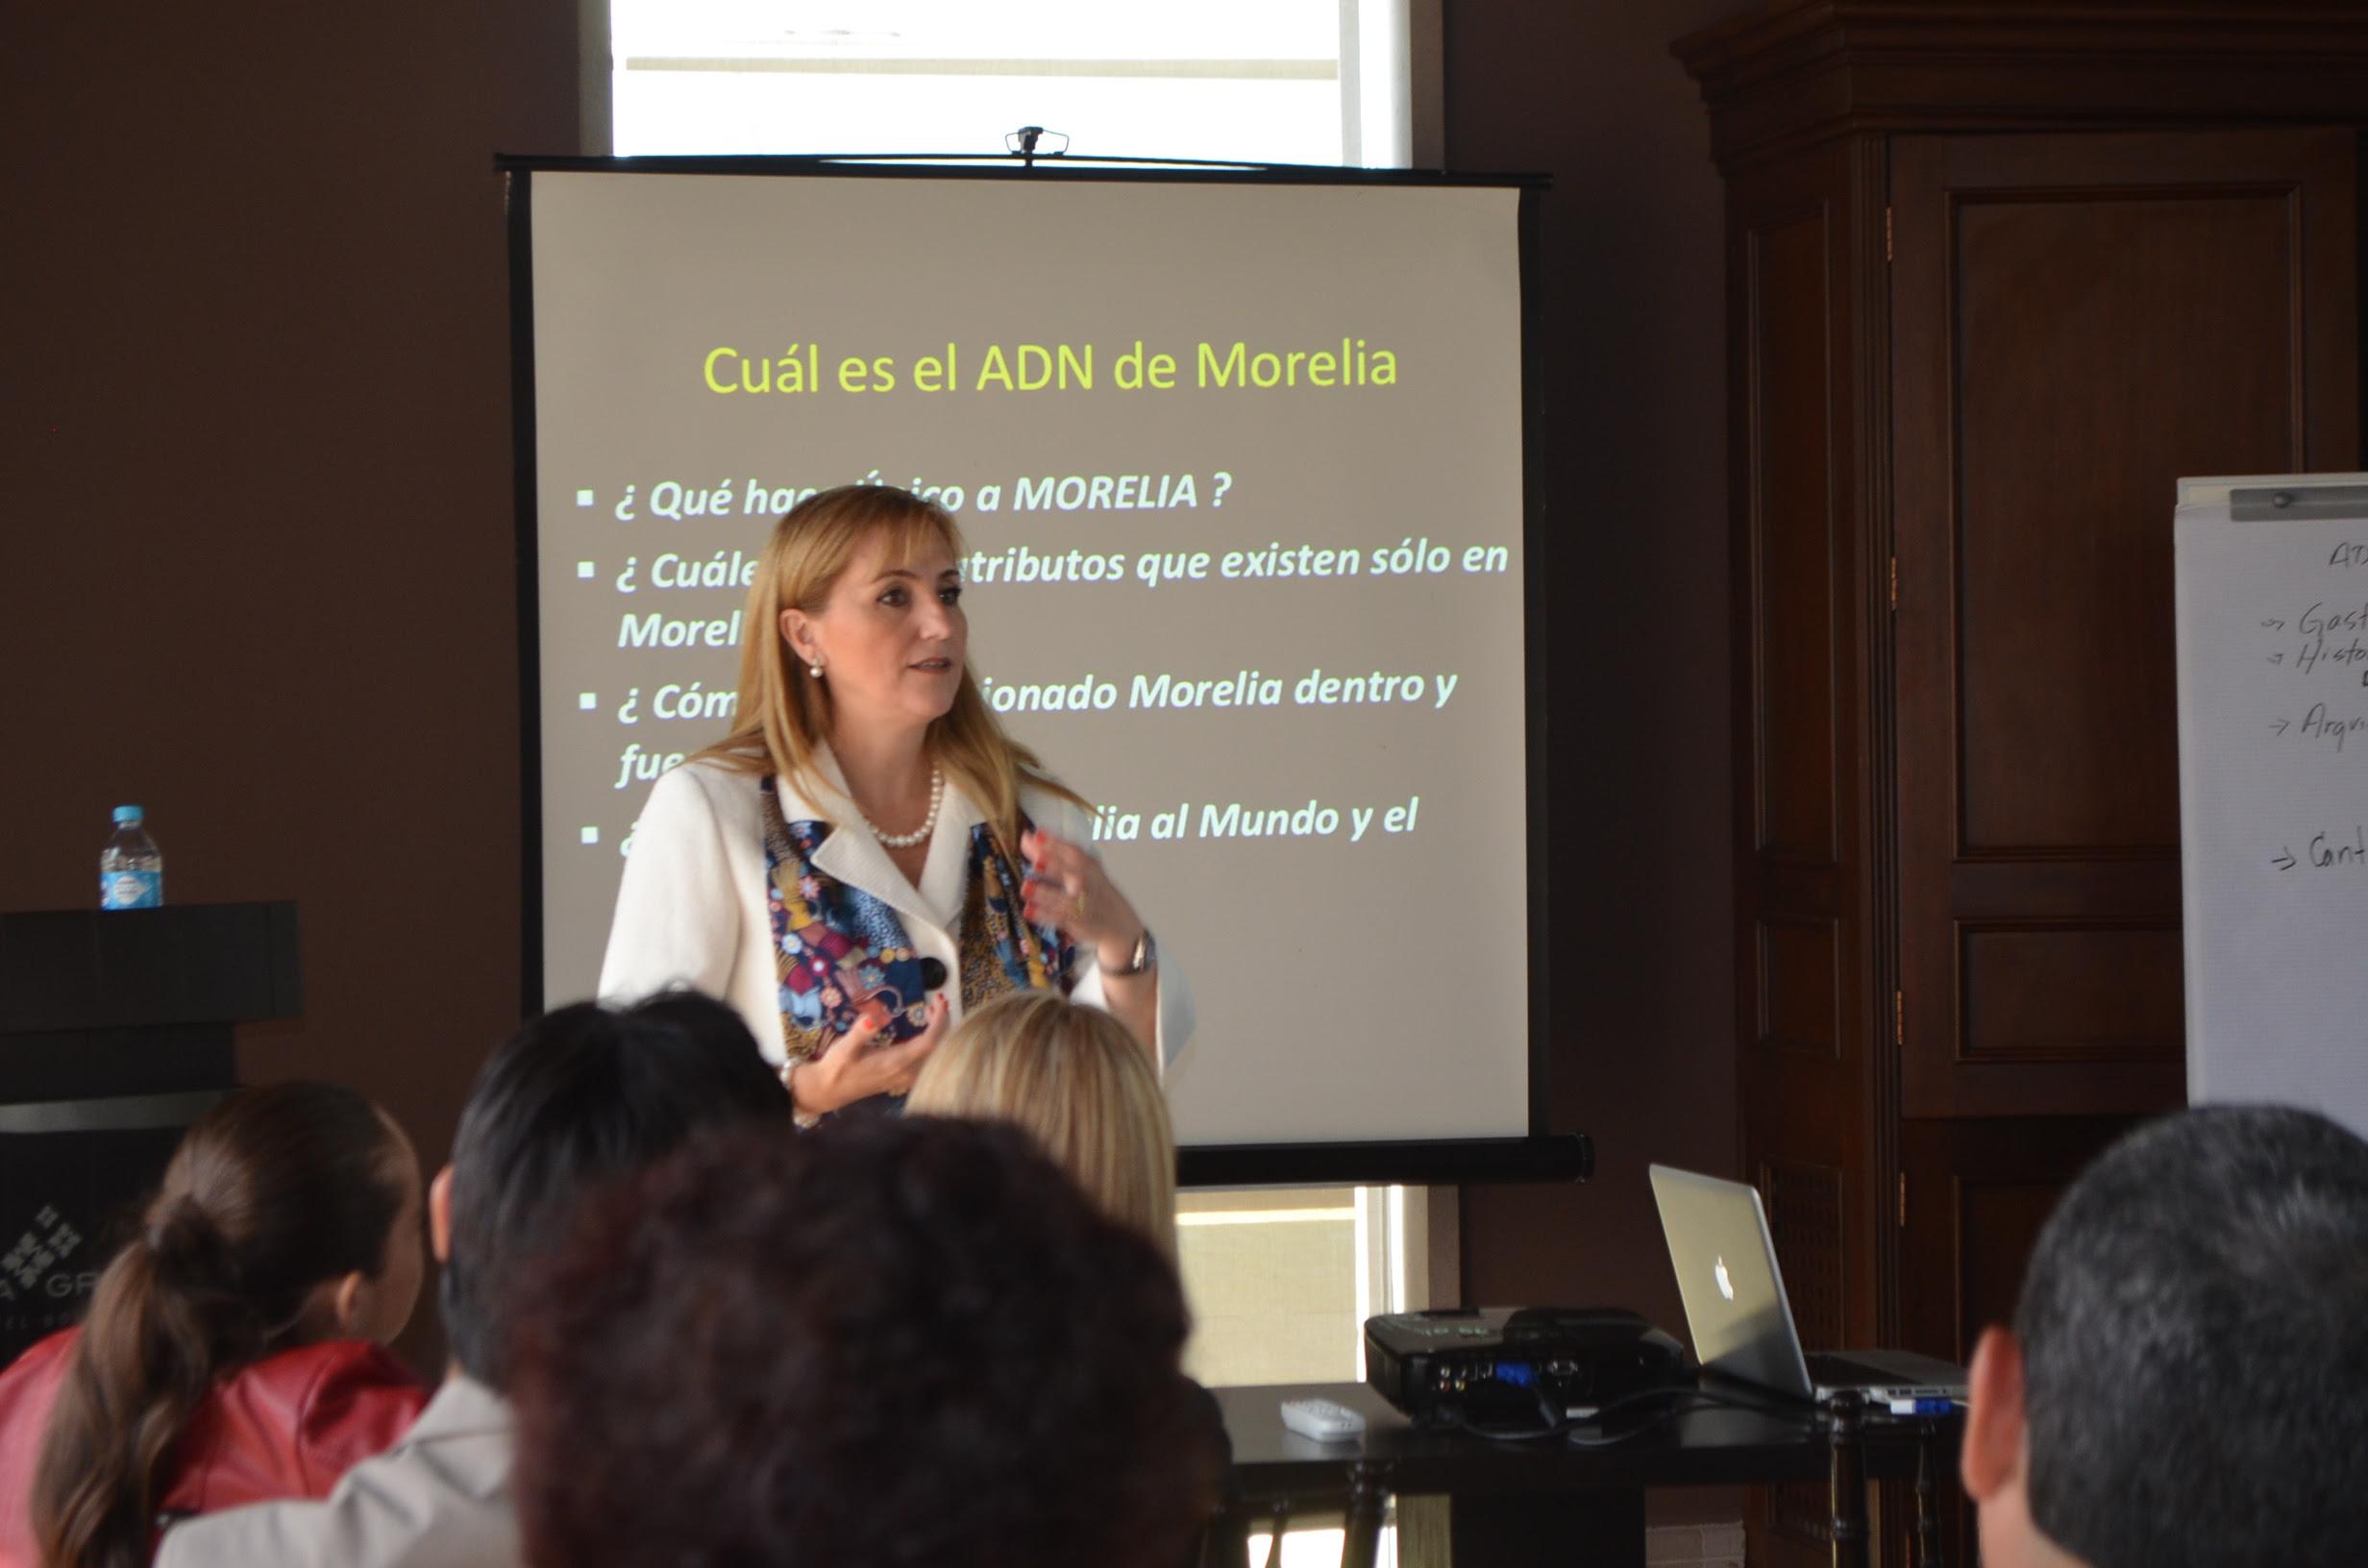 Los empresarios son nuestros aliados para detonar el turismo en Morelia, aseguró la secretaria de Turismo municipal, Thelma Aquique